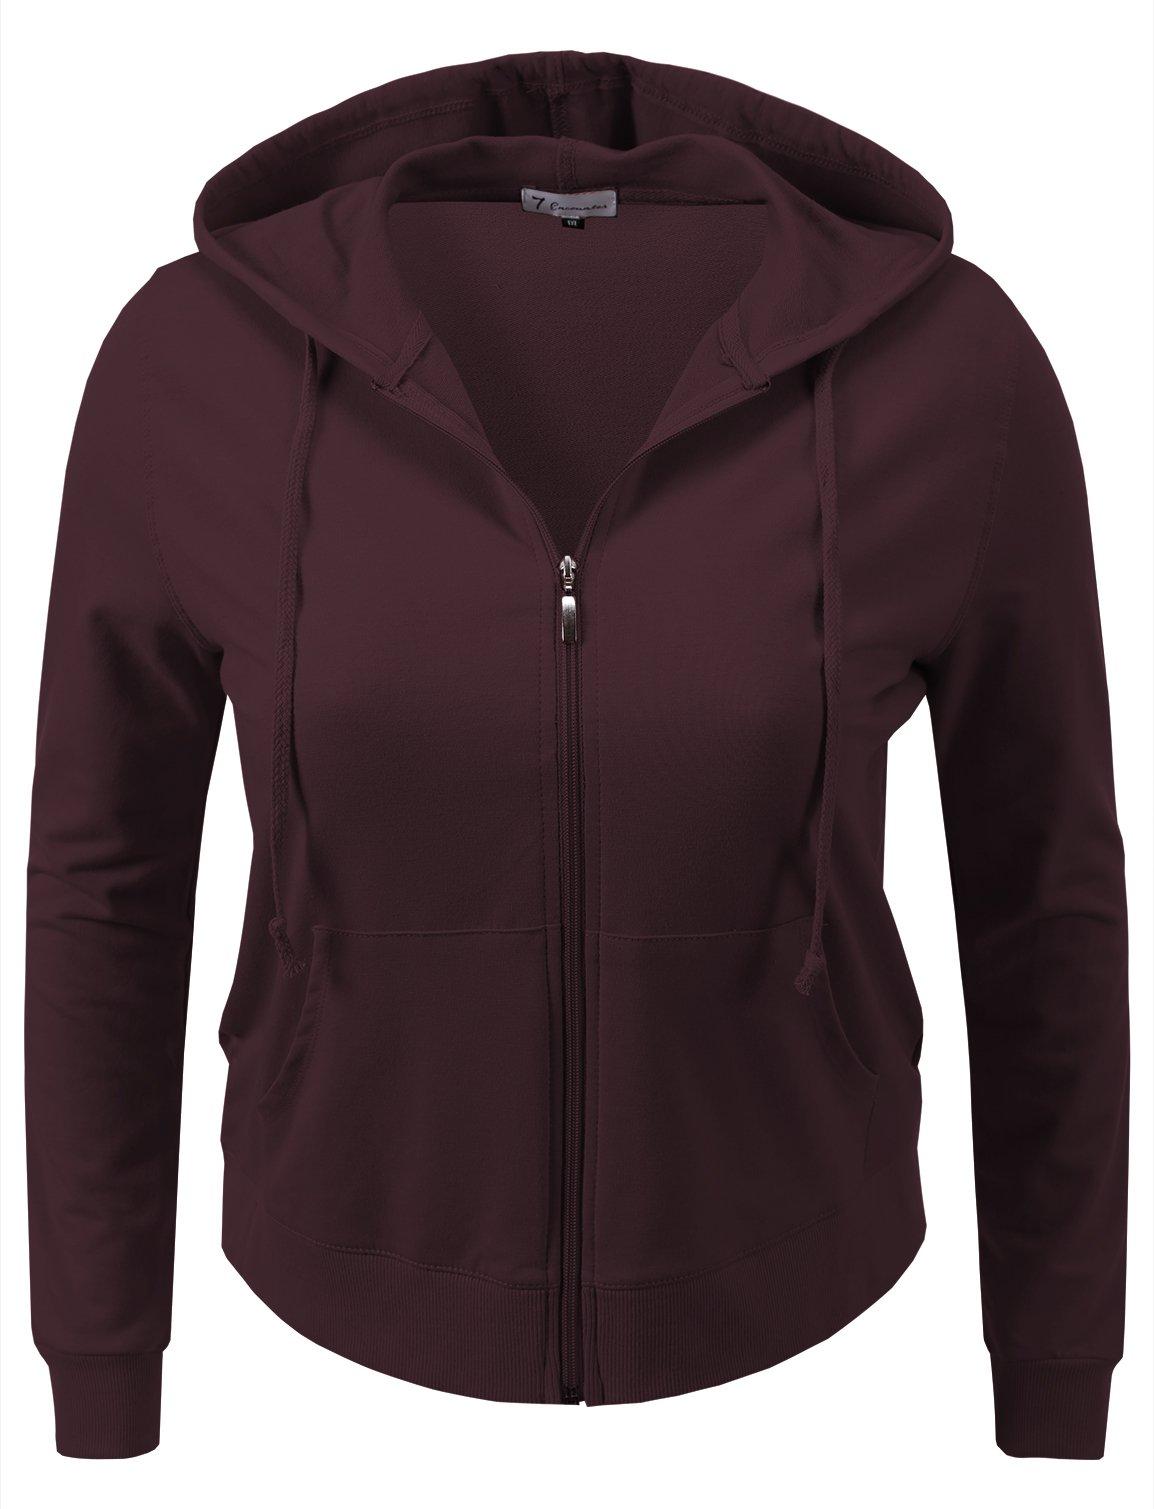 7 Encounter Women's Plus Size Basic Zip-up Hooded Jackets (2X-Large, Burgandy)